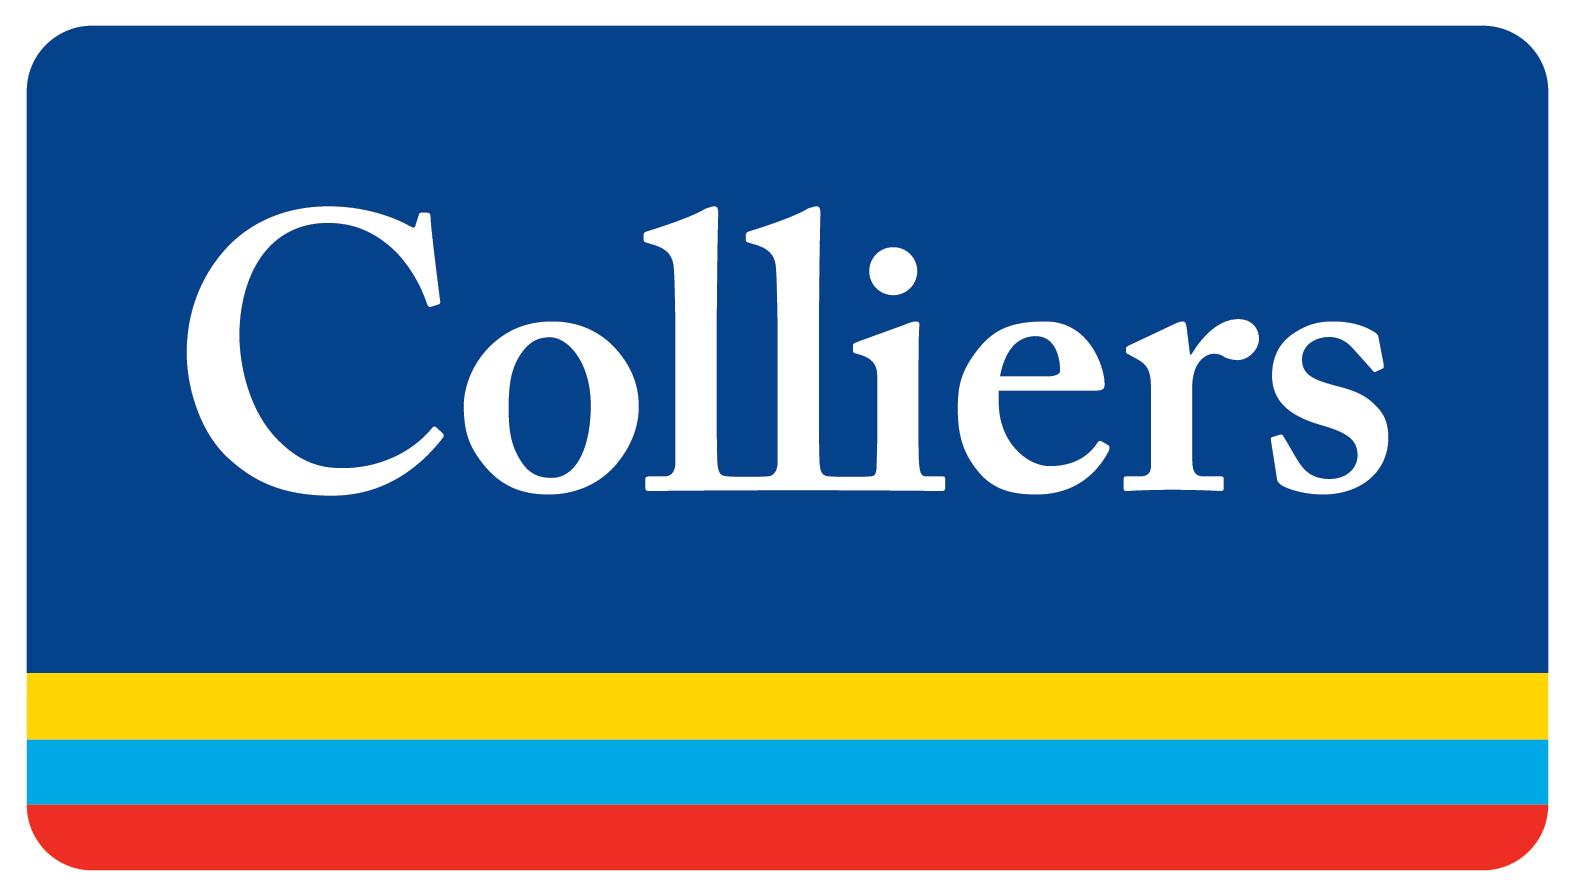 Colliers | Greater Cincinnati Company Logo